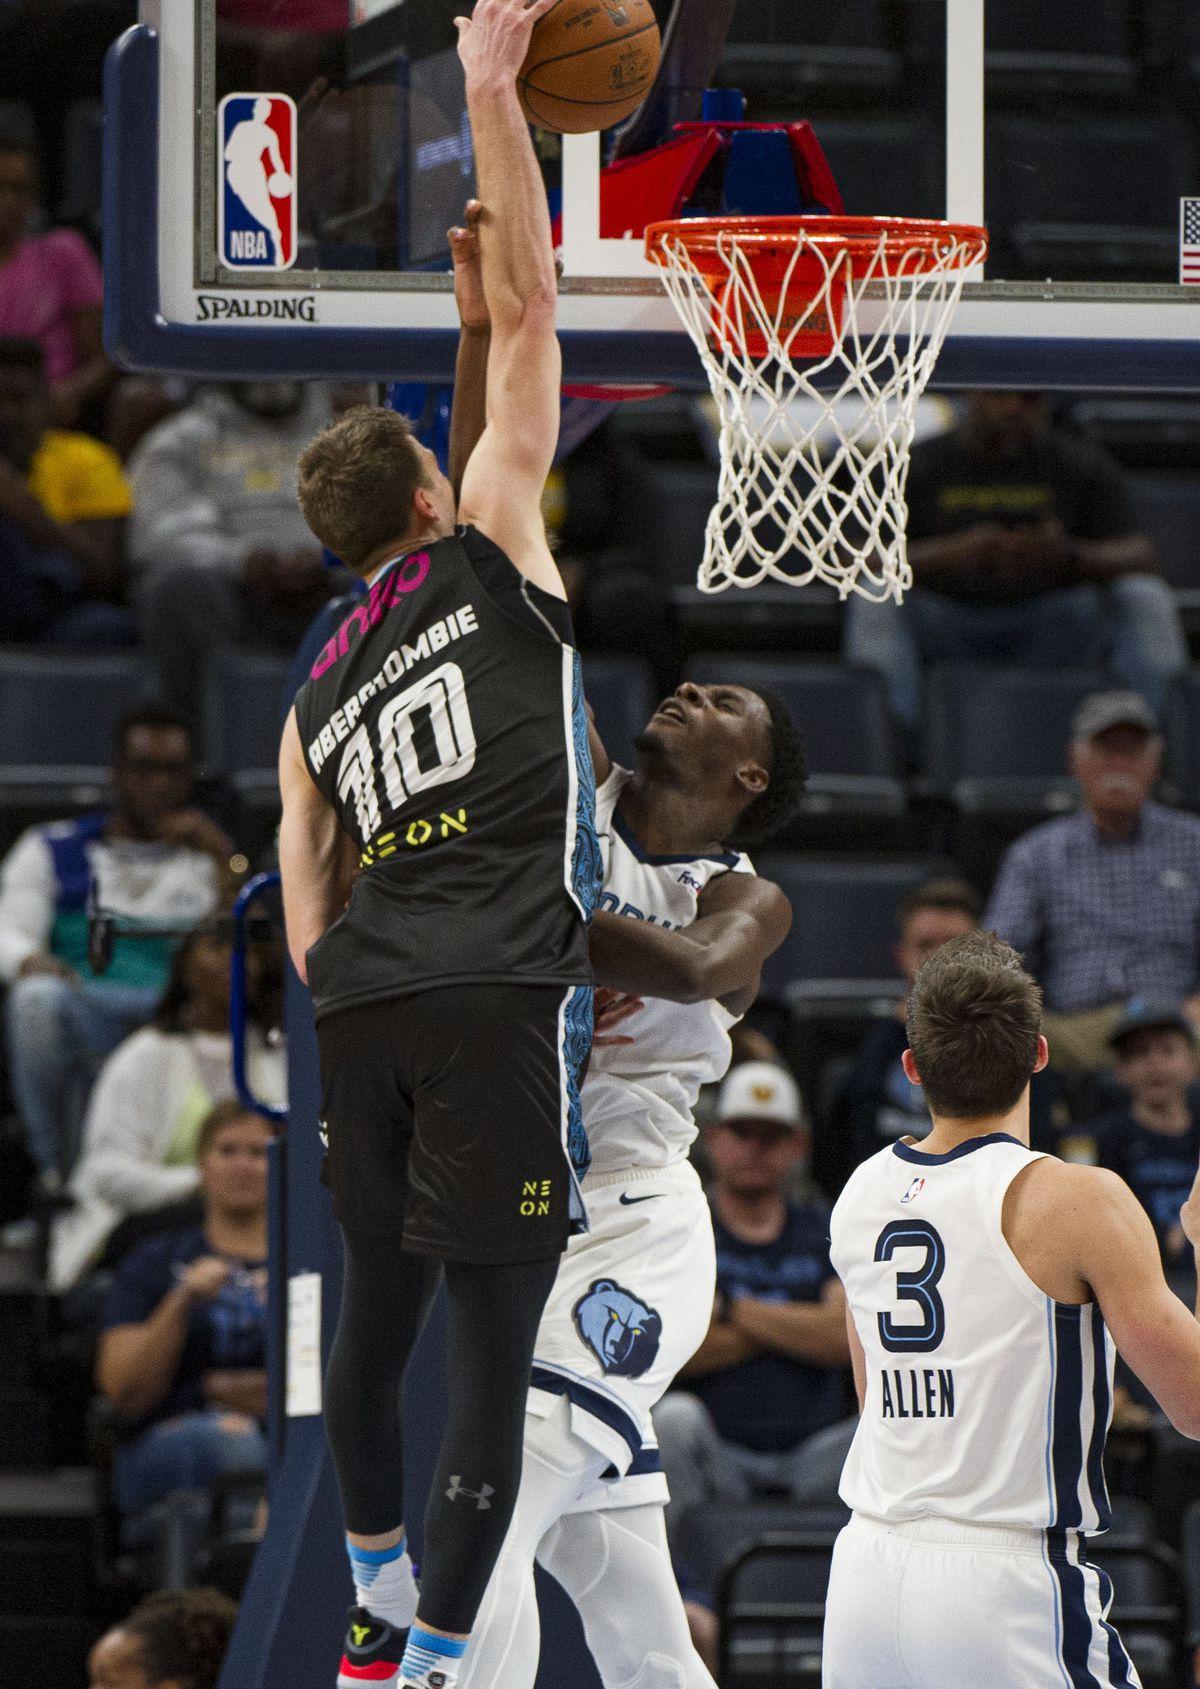 NBA: Preseason-New Zealand Breakers at Memphis Grizzlies